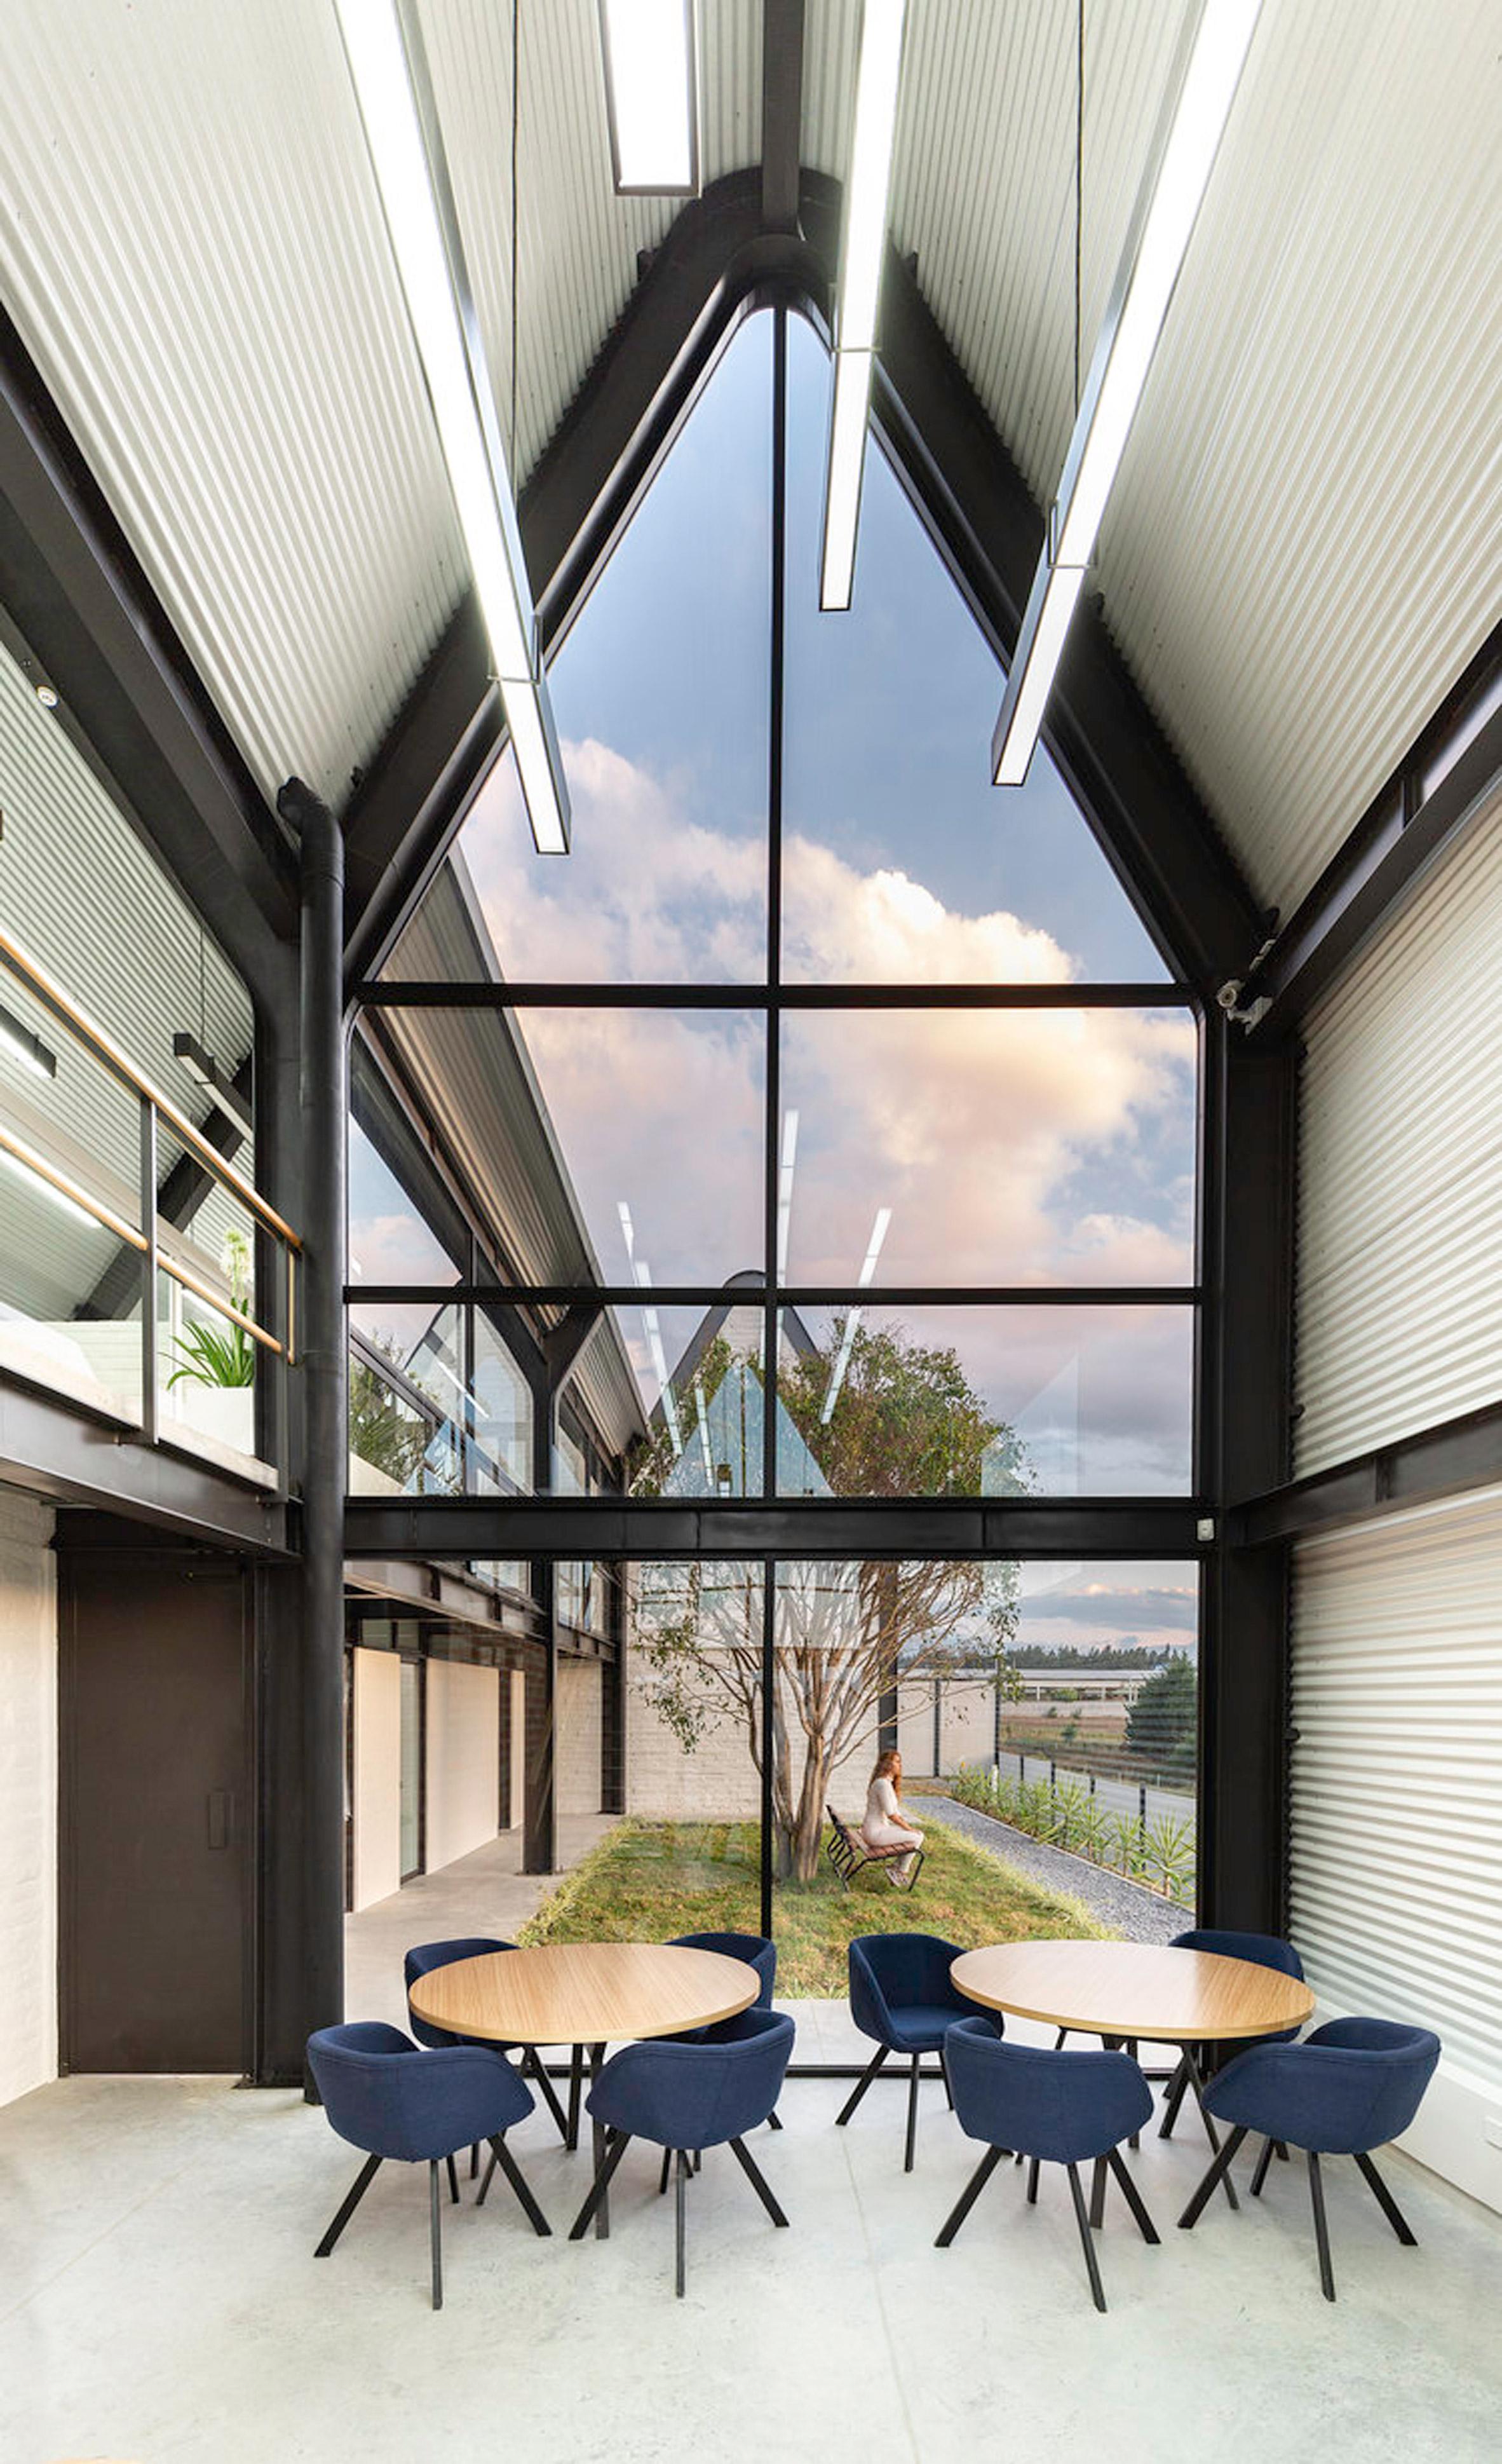 Little Roofs by Estudio Felipe Escudero